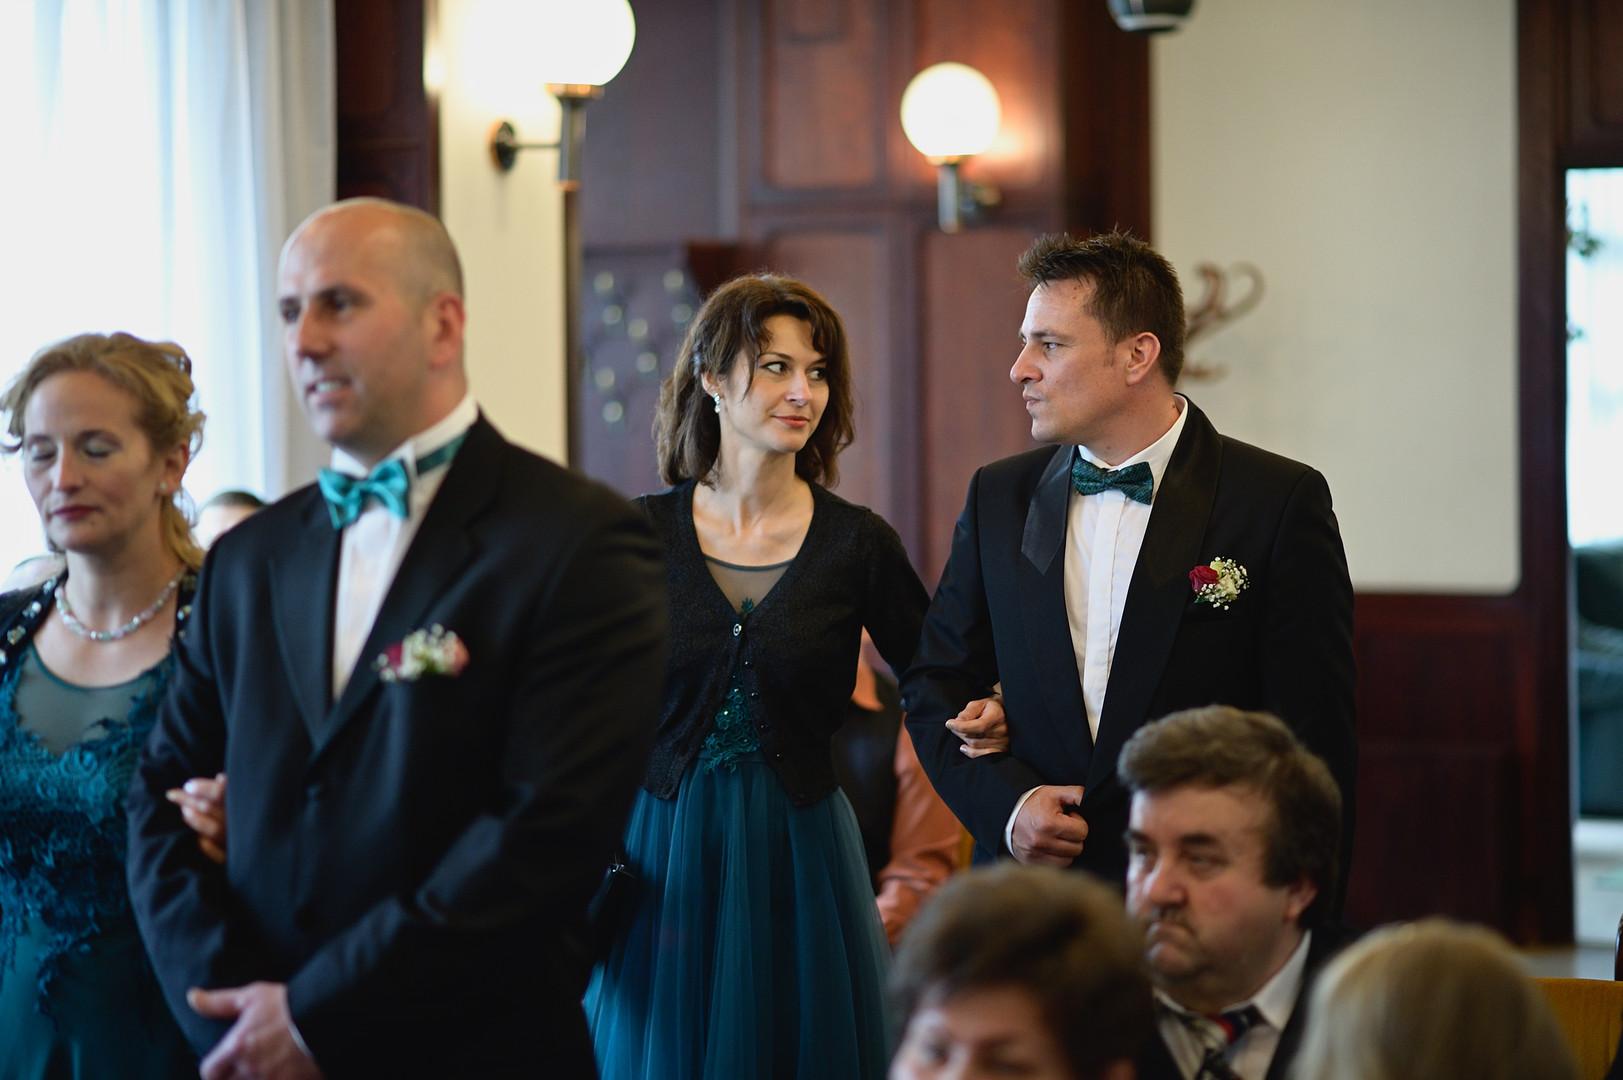 026 Esküvői fotózás - Enikő és Peti.jpg